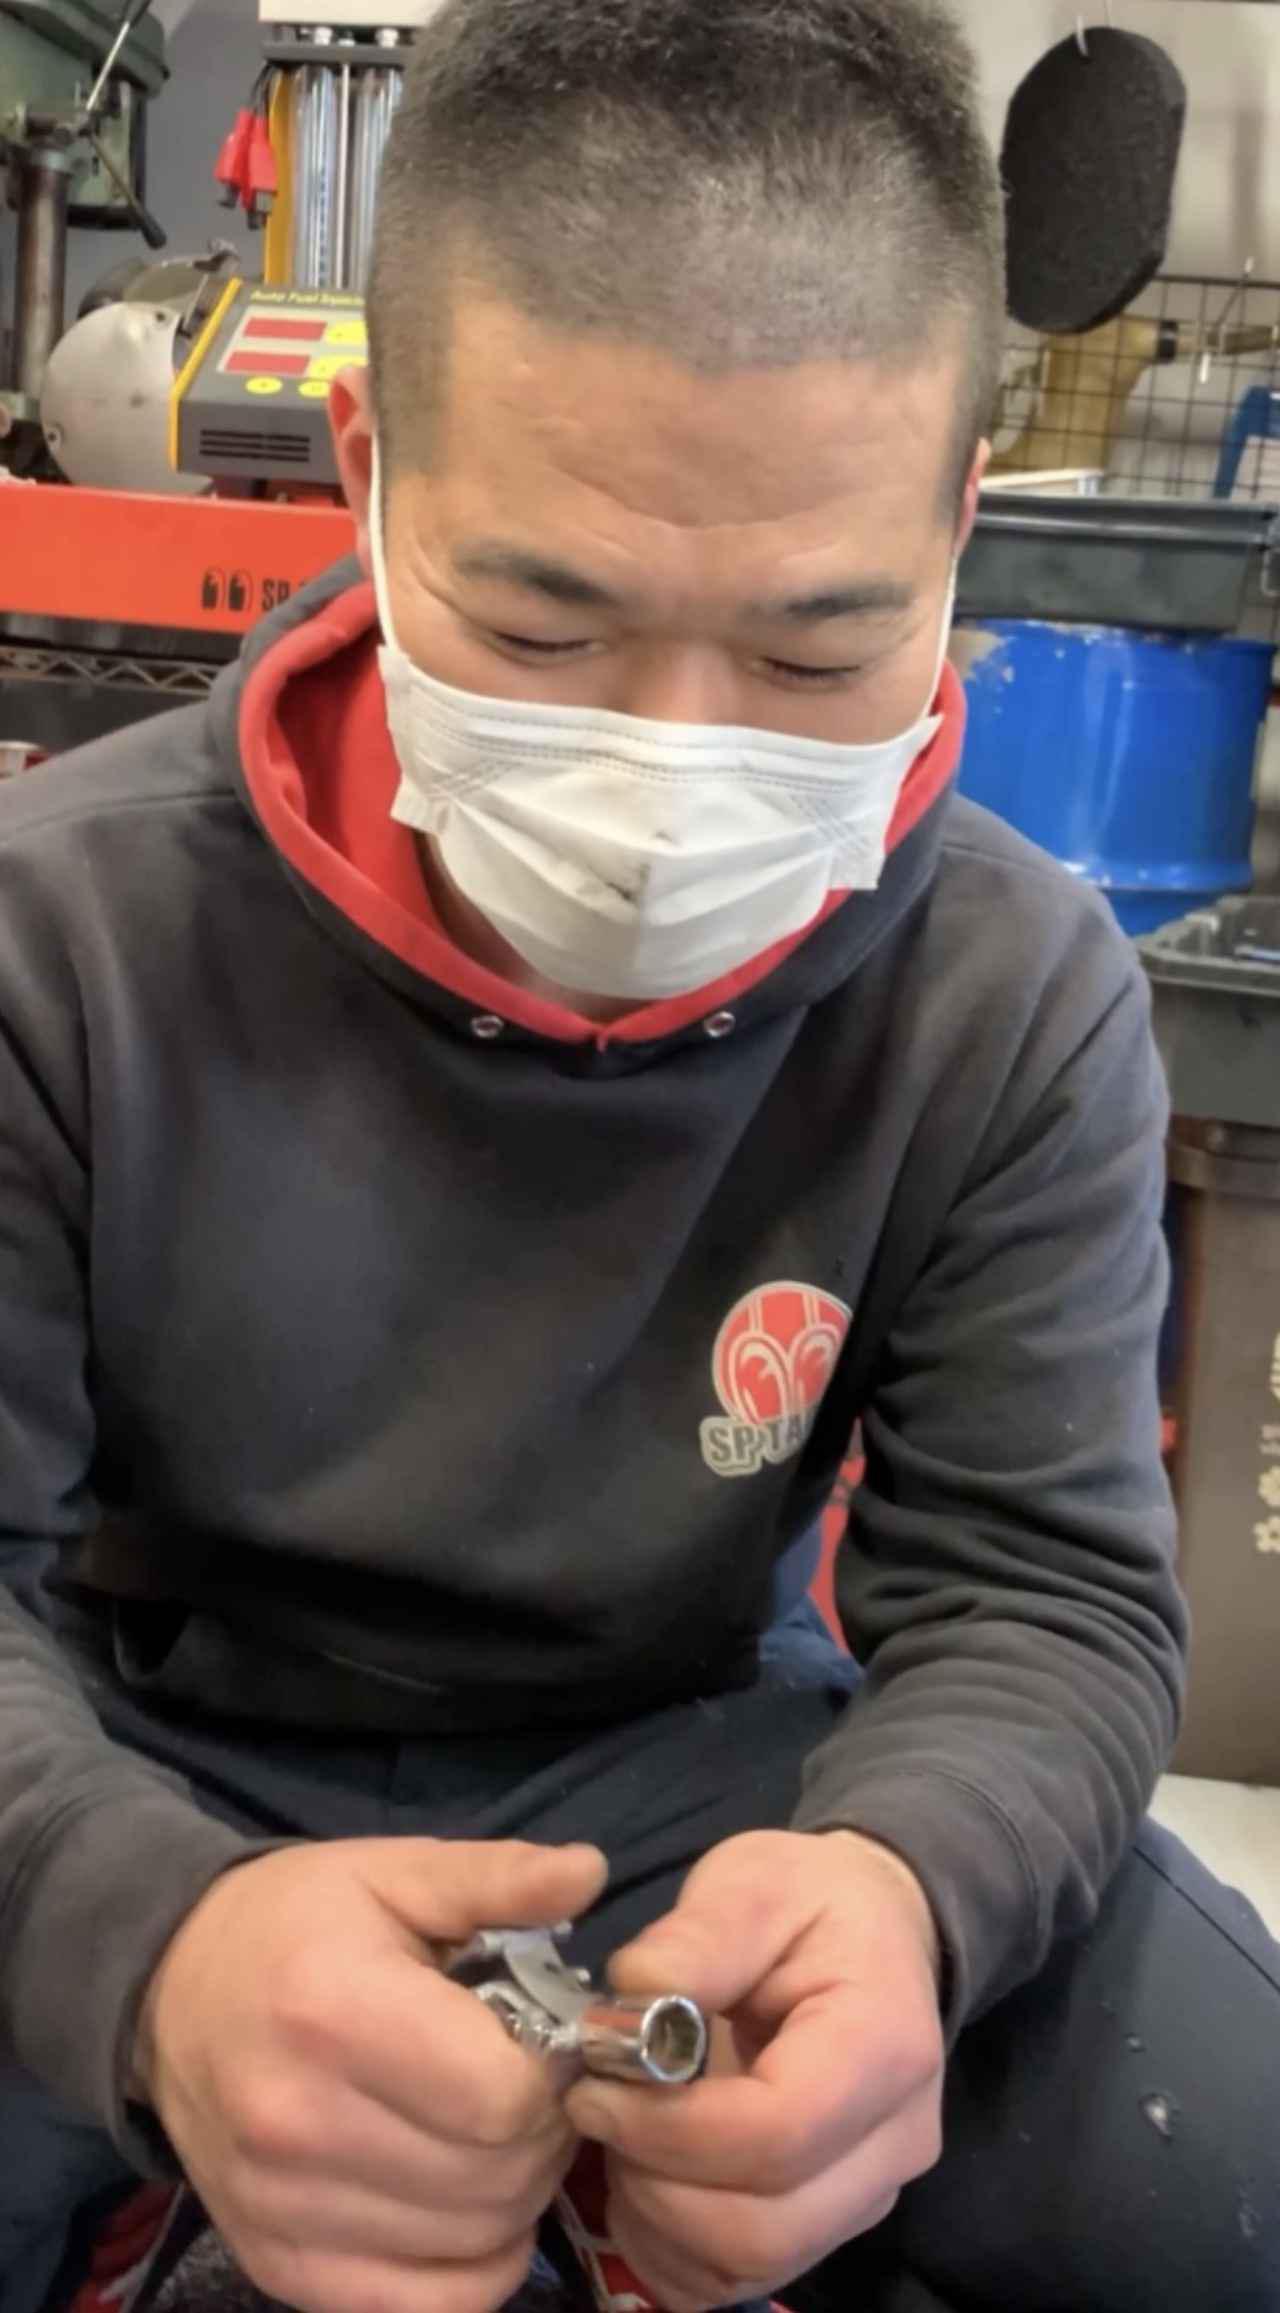 画像: 相談に乗ってくださったのは、SP忠男 浅草店のメカニック橋本さん。手に取るなり「これ、スゲェ!」と大興奮でした。